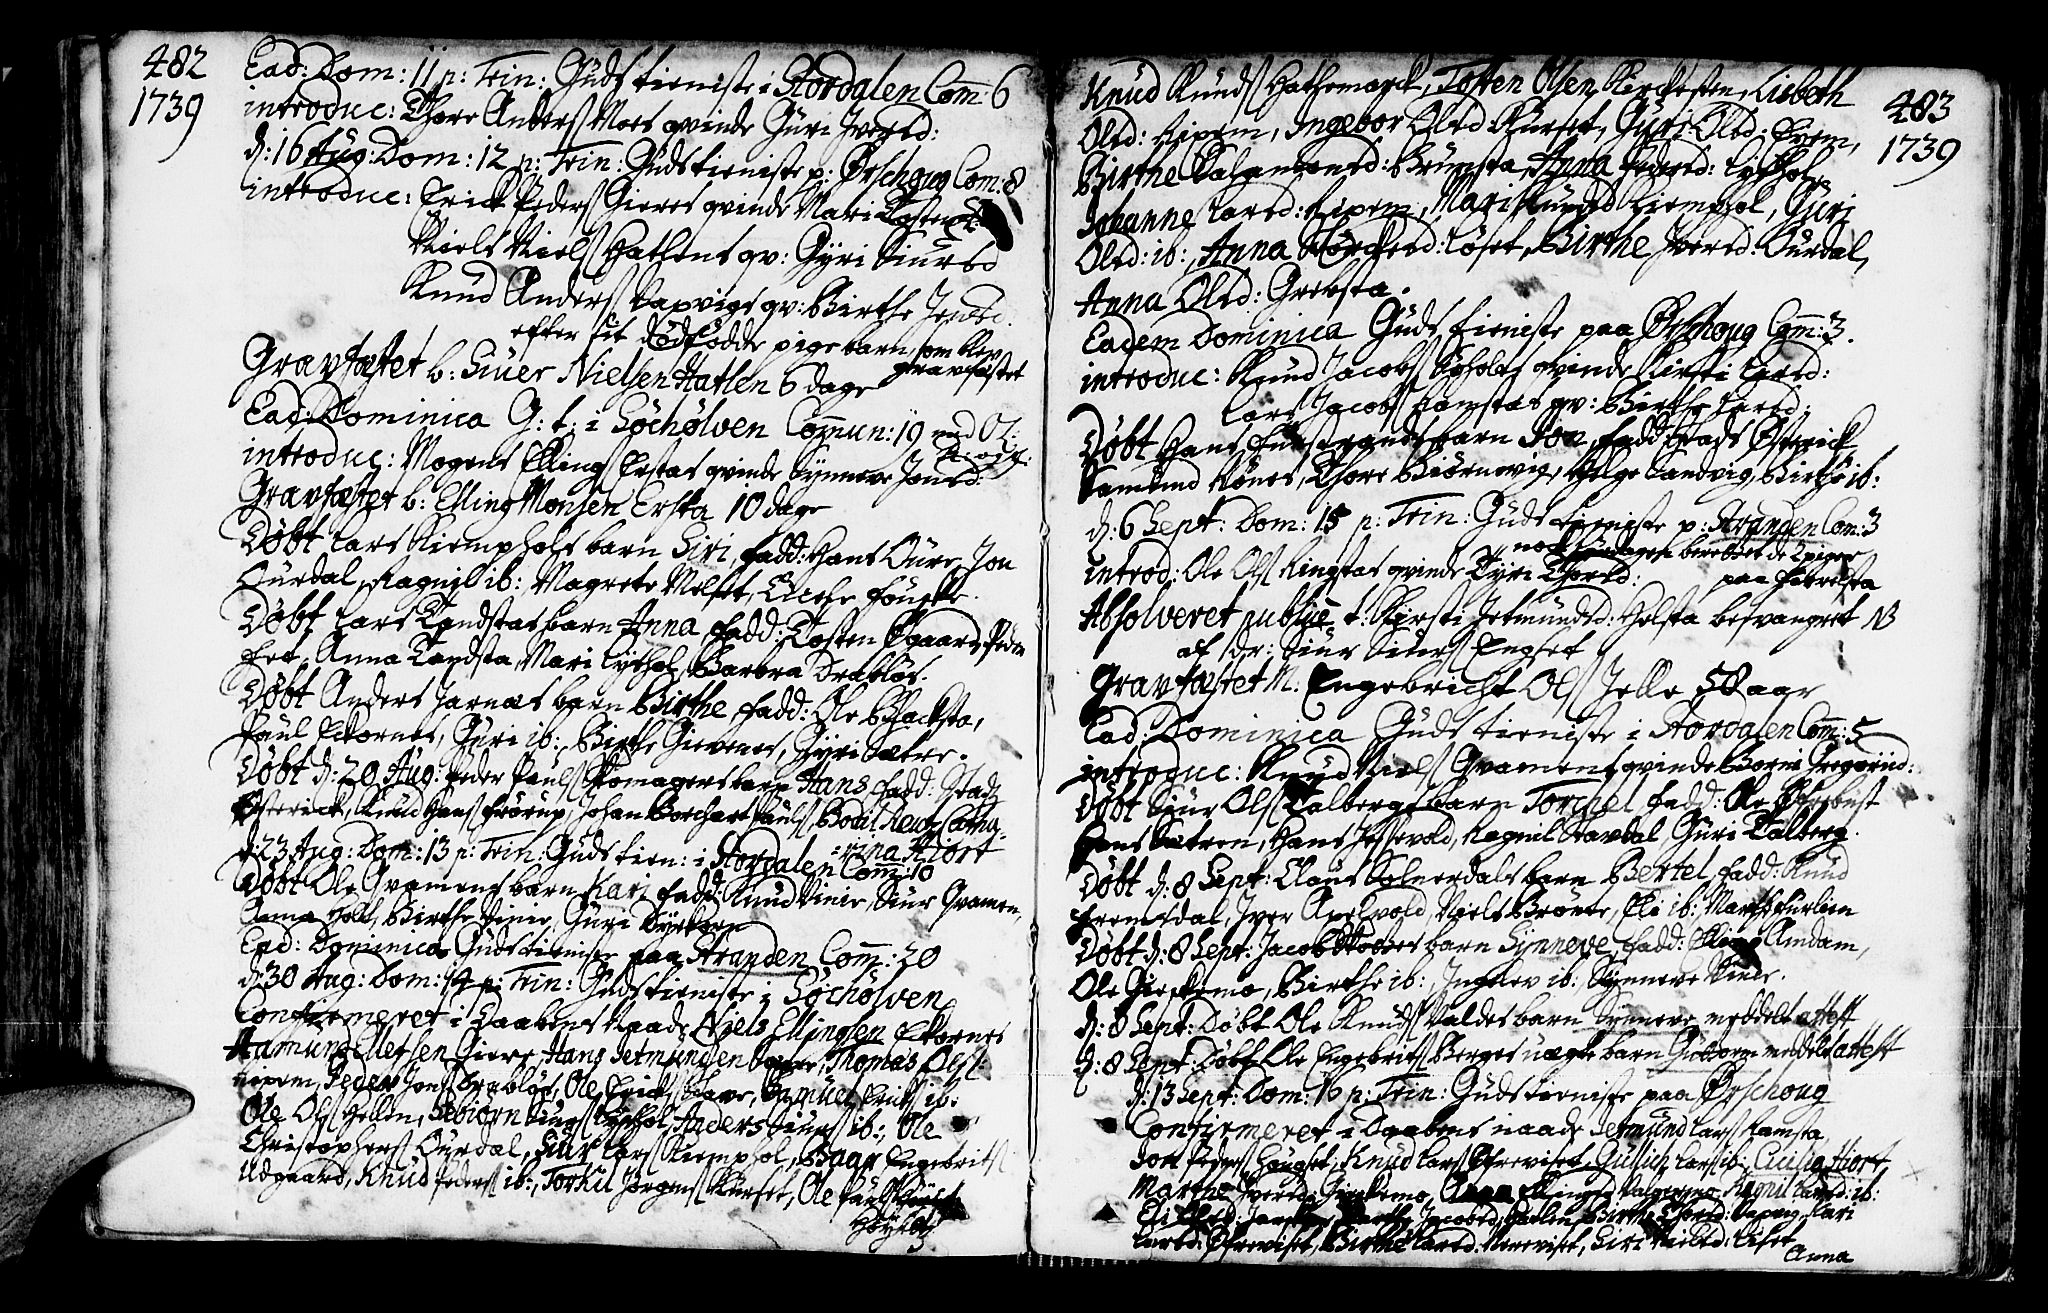 SAT, Ministerialprotokoller, klokkerbøker og fødselsregistre - Møre og Romsdal, 522/L0306: Ministerialbok nr. 522A01, 1720-1743, s. 482-483